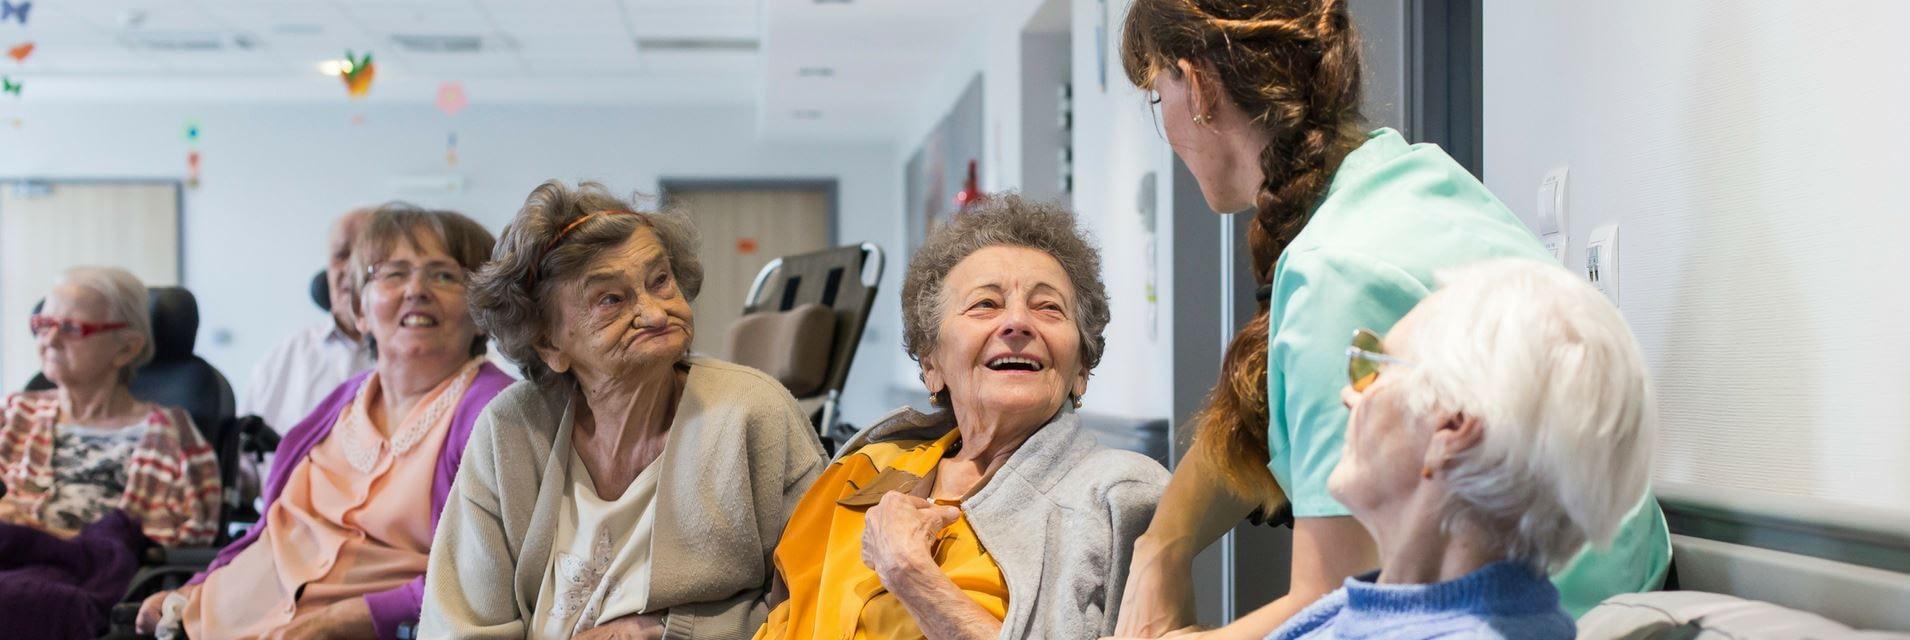 Spotkanie pacjentów - seniorów